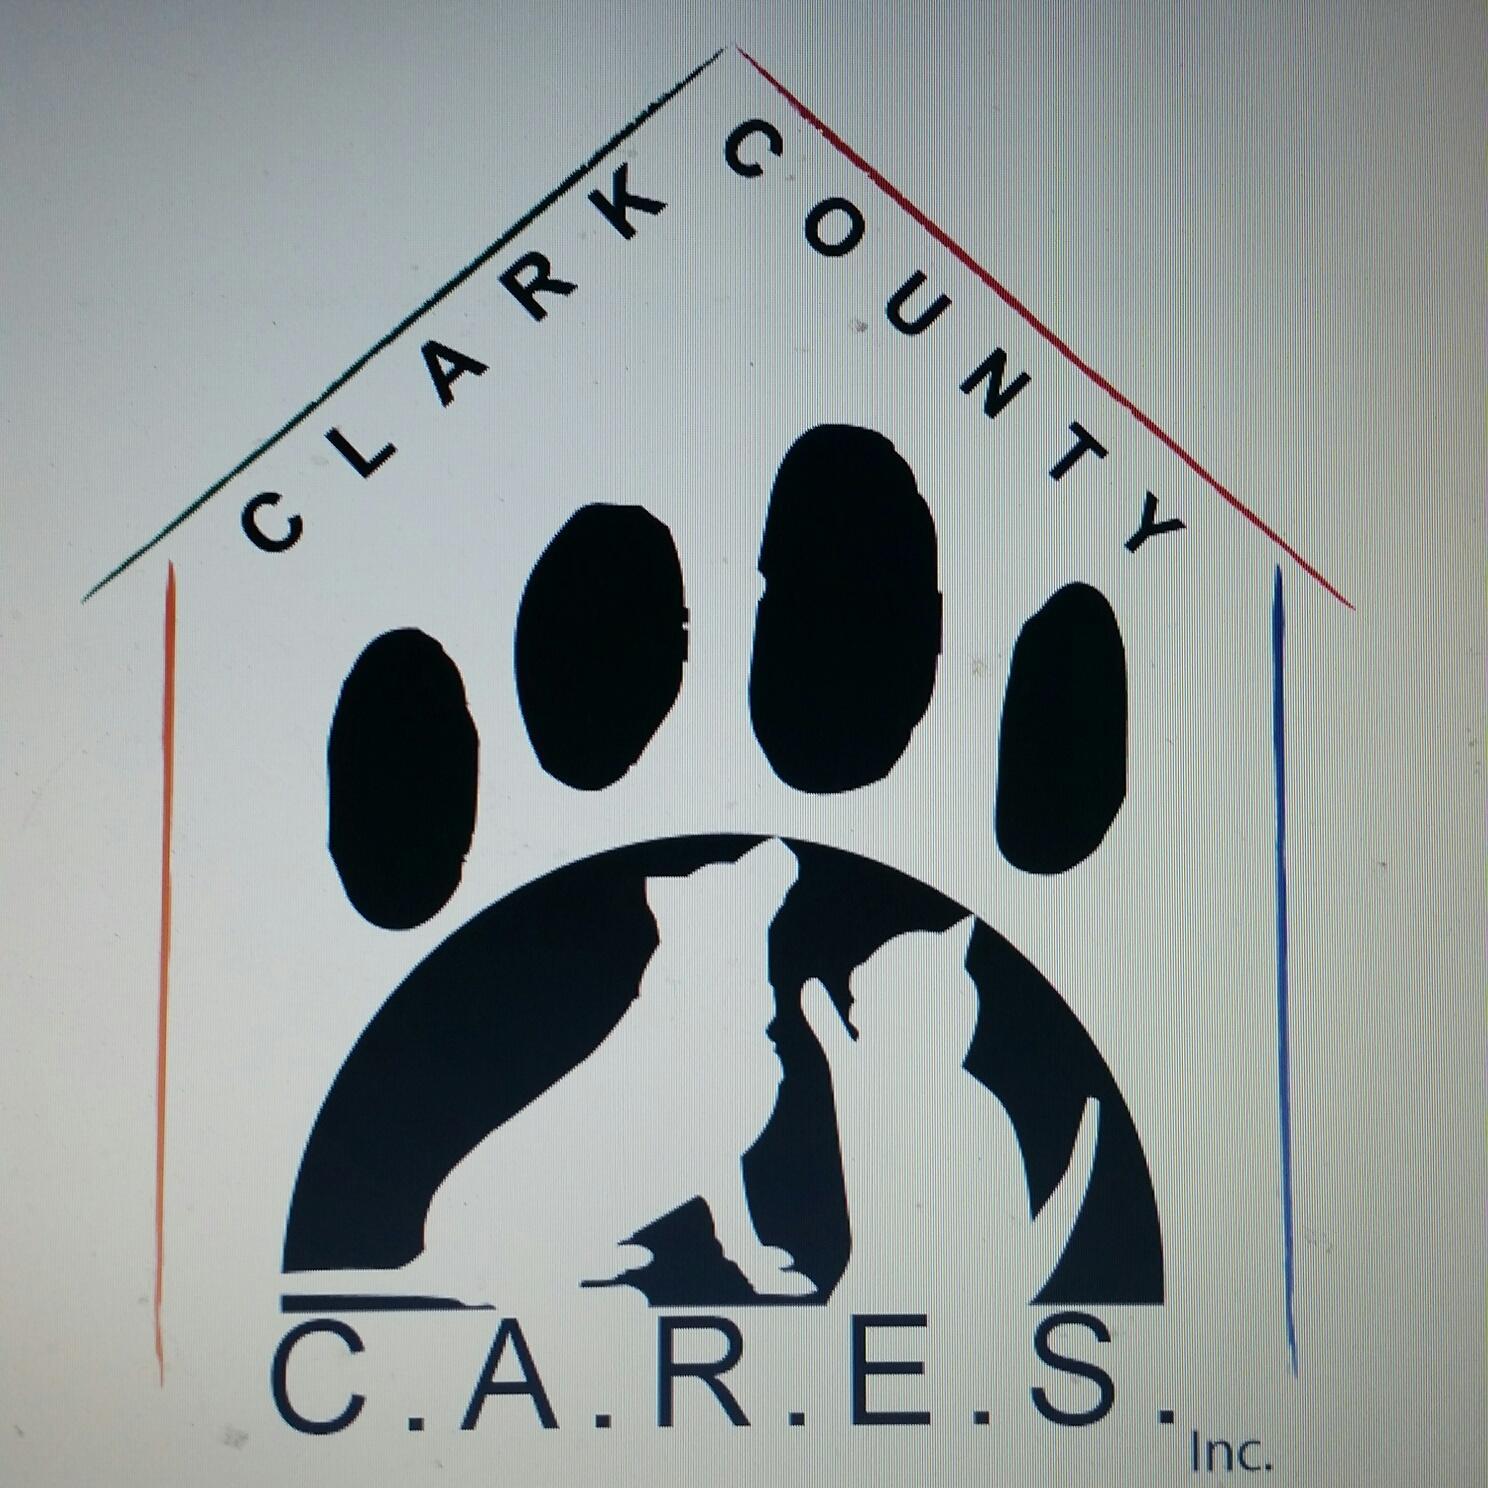 Clark County C.A.R.E.S., Inc.